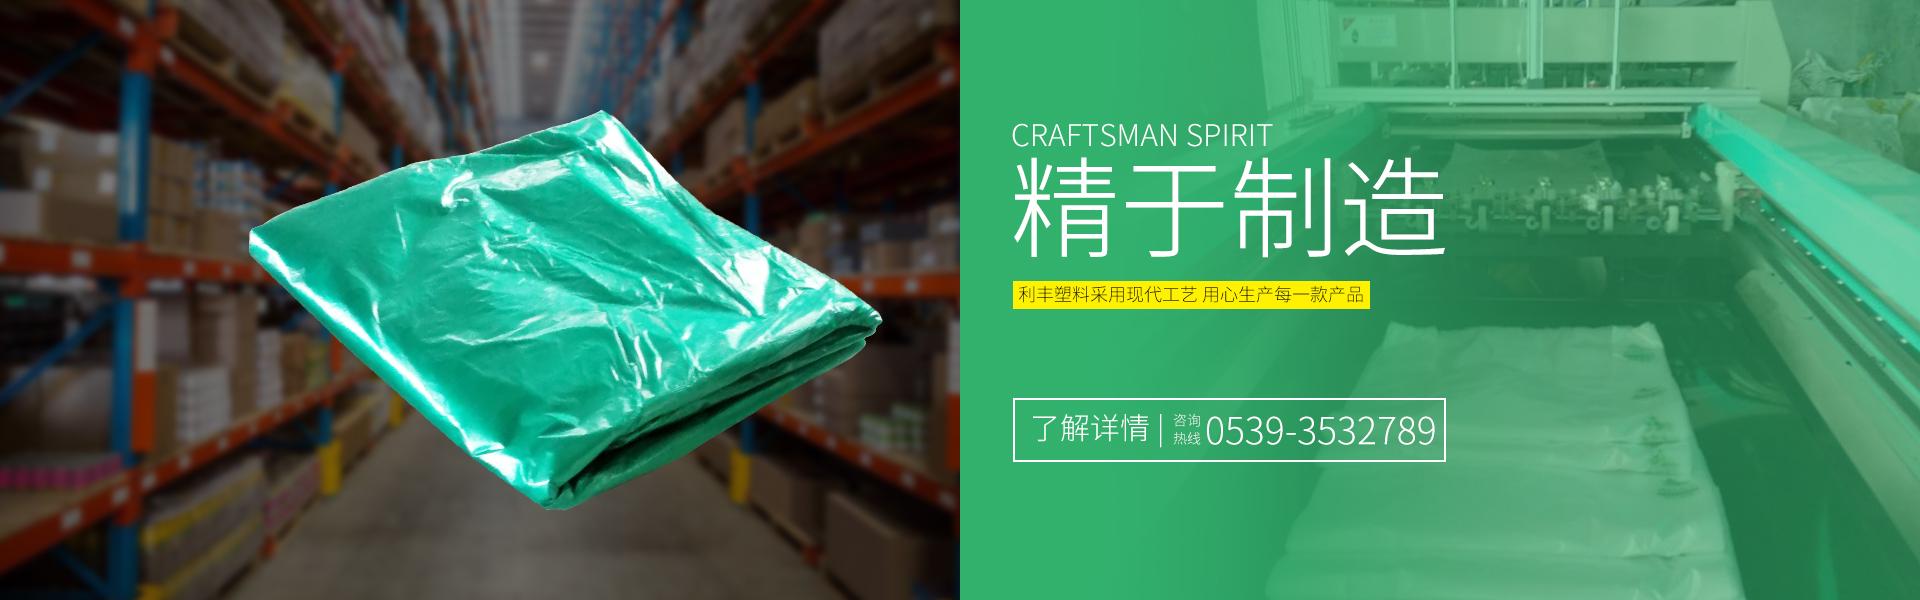 沂南县利丰塑料制品加工厂生产各种蔬菜保鲜袋,蔬菜包装袋,各种尺寸农膜,PO膜,保证质量,欢迎前来订购,利丰塑料制品加工厂期待与您的合作,欢迎致电:13515392686.